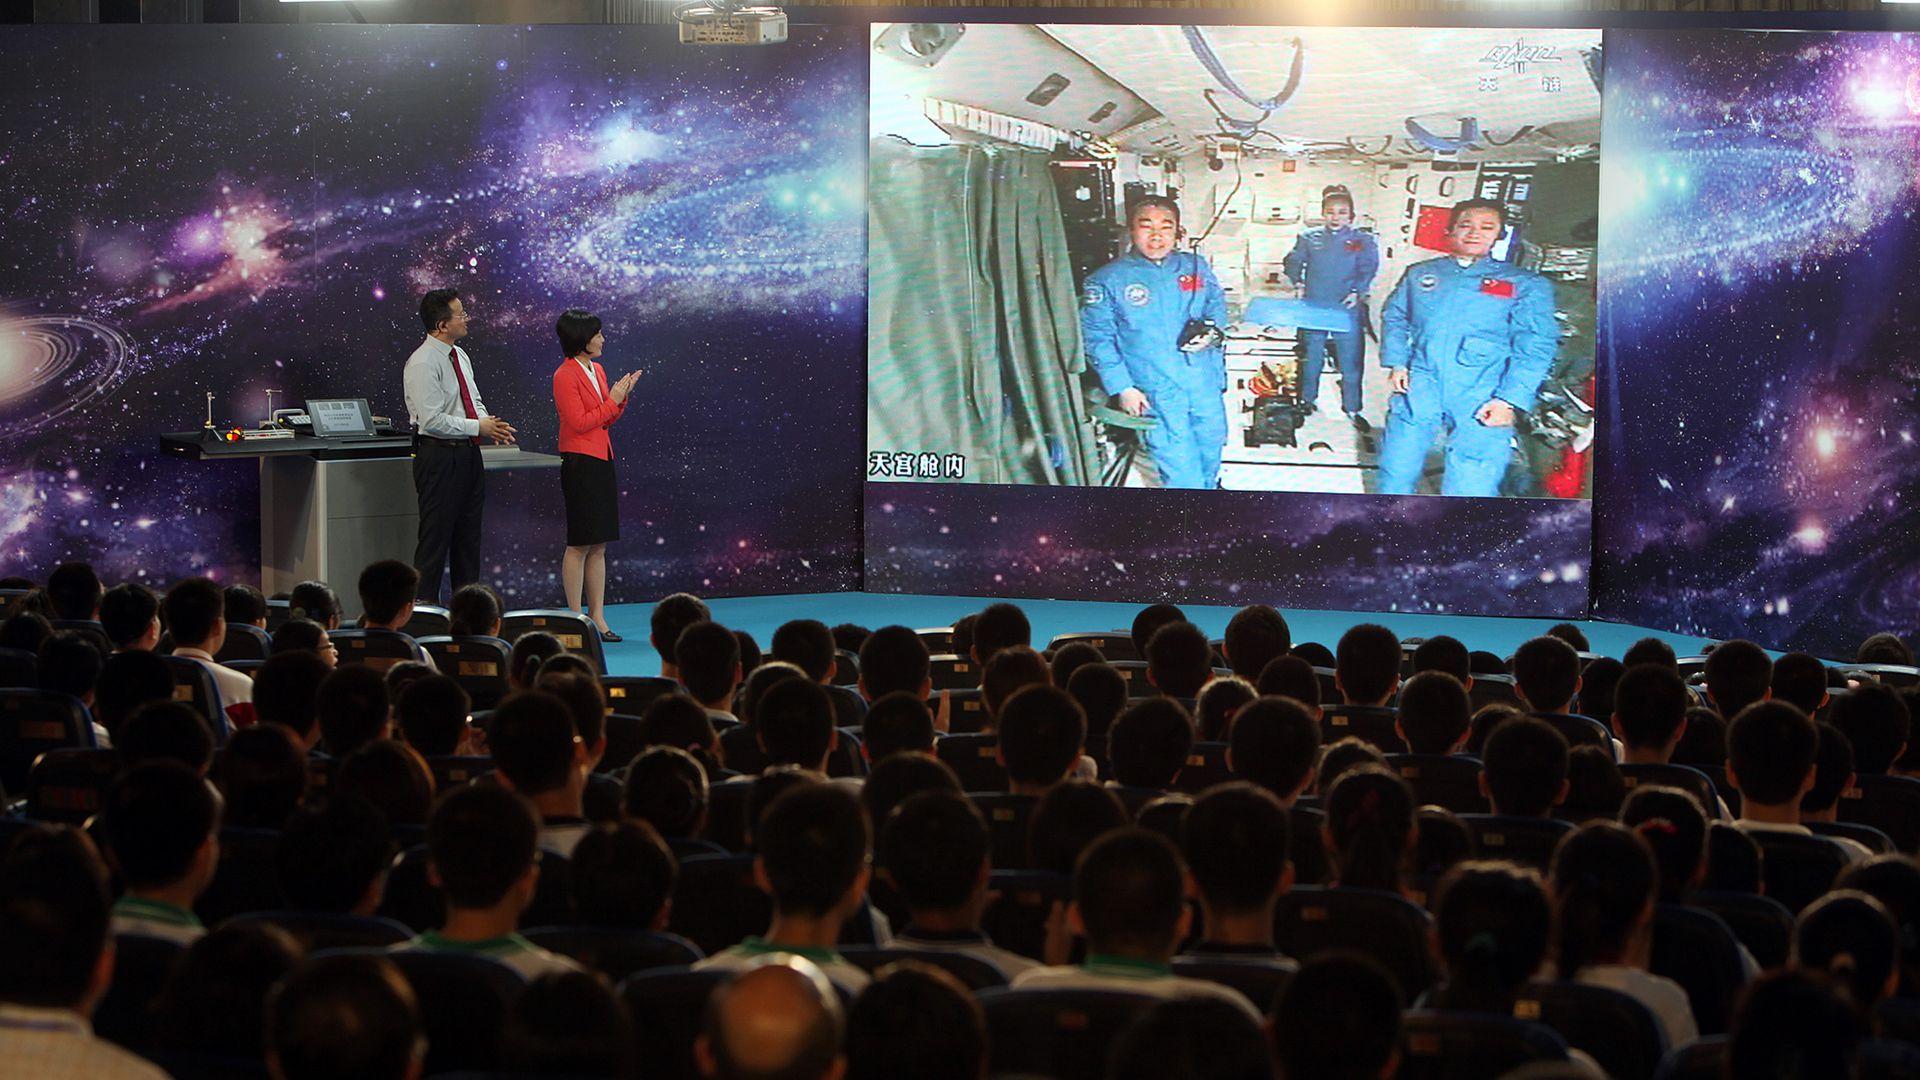 Tiangong-1 astronauts